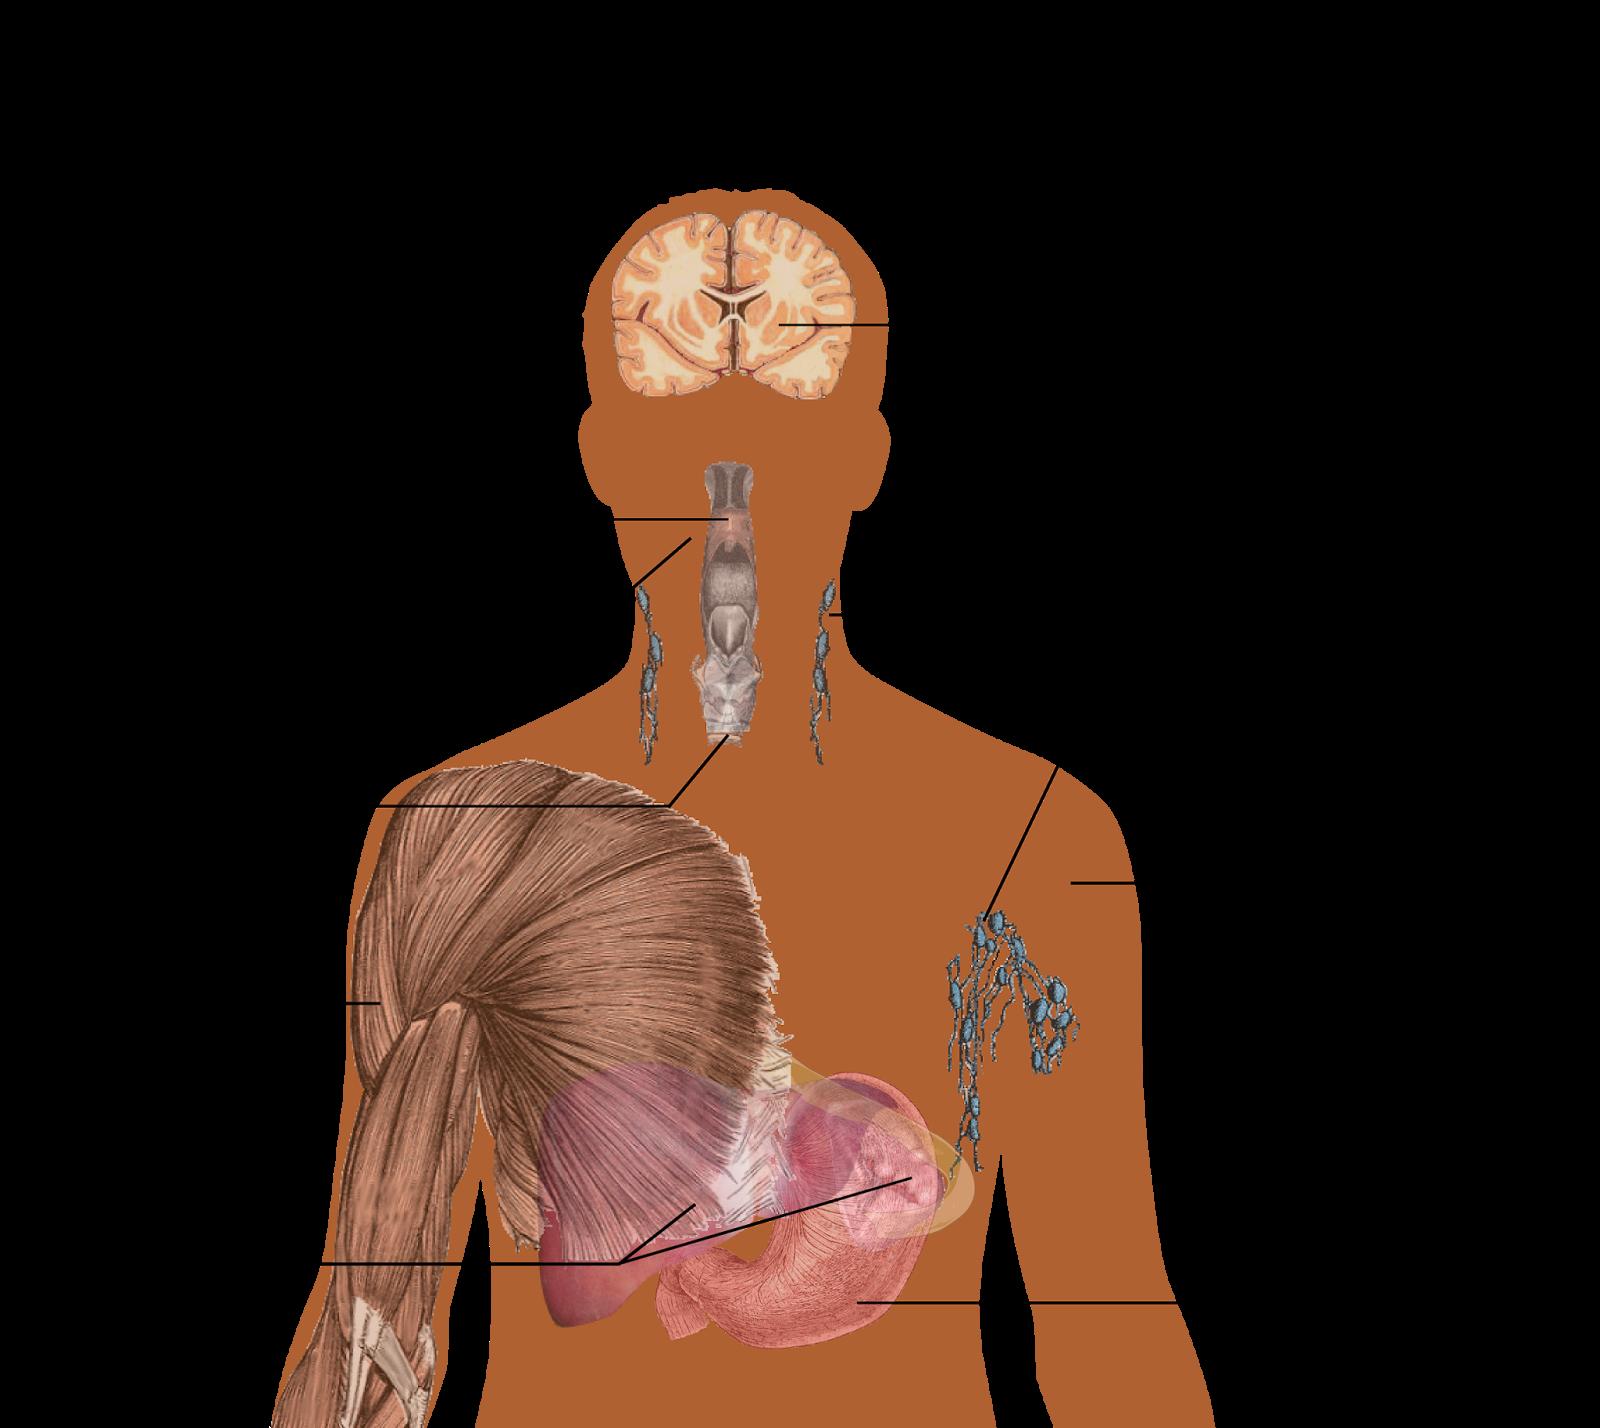 AIDS - எய்ட்ஸ் என்றால் என்ன?  AIDS என்பது Acquired Immune Deficiency Syndrome, இது HIV என்கின்ற வைரசால் ஏற்படுகிறது.   HIV என்பது Human Immuno deficiency Virus. அதாவது மனித இன நோய் எதிர்ப்புக் குறைப்பாட்டு வைரஸ் ஆகும்..   HIV வைரஸ் என்பது நோய் எதிர்ப்பு தன்மையுள்ள செல்களுடன் (Cell) போரிட்டு வென்று விடுகிறது. ஒருமுறை இந்த வைரஸ் நோய் எதிர்ப்பு தன்மையுள்ள செல்களை வென்று உடலுக்குள் புகுந்துவிட்டால் AIDS வியாதி உடலில் விருத்தியடைய 8 முதல் 10 வருடங்கள் வரை ஆகும்.   HIV இருக்கிறதா என்று பரிசோதித்து பார்க்காவிட்டால் இருப்பதே தெரியாது. மற்றவர்களுக்கும் அப்படியே. 8-10 வருடங்களில் இந்த வைரஸ் பரவும்  உங்கள் நோய் எதிர்ப்பு தன்மையை HIV  கிருமி குறைத்துவிட்டால், உங்கள் உடலின் நோய் உங்களை தாக்காமல் தடுக்கும் தன்மை செயலிழந்துவிடும். அதன் பின் மரணம்  ஏற்படலாம்  AIDS ஆபத்தானது. மரணத்தில் தான் முடியும். இதுநாள்வரை இந்நோயைக் குணப்படுத்தும் முறை கண்டுபிடிக்கப் படவில்லை.   HIV எப்படி வருகிறது?  HIV தாக்கப்பட்டவரிடமிருந்து தாக்கப்படாதவருக்கு உடல் திரவங்கள் வழியாக அதாவது குறிப்பாக இரத்தம் அல்லது விந்து வழியாகப் பரவுகிறது.  பாதிக்கப்பட்டவரிடமிருந்து பாதிக்கப்படாதவருக்கு இரு வழிகளில் இரத்தம் மூலம் பரவலாம். ஒன்று இரத்ததானம் வழங்குவதன் மூலமும் அல்லது நோயாளிக்கு மருந்து செலுத்திய ஊசியைக் கொண்டு உடனடியாக மற்றுமொரு பாதிக்கப்படாதவருக்கு மருந்து செலுத்தும் போதும் ஆகும்.   இரத்த தானத்தின் போது வழங்குபவரின் இரத்ததில் HIV இல்லை என்பதை உறுதி செய்து கொள்ள வேண்டும். ஊசி போட்டுக்கொள்ளும்போது புதிய ஊசியை உபயோகிக்கிறார்களா என்பதை உறுதி செய்து கொள்ள வேண்டும்.  வேறு விதமாகவும் இரத்தம் மூலம் HIV பரவுகிறது. வெளிப்புறக் காயங்களின் மூலம் பாதிக்கப்பட்டவரின் இரத்தம் பாதிக்கப்படாதவருக்கும் பரவும்.  பாலியல் உறவு மூலம் பாதிக்கப்பட்டவரின் விந்து பாதிக்கப்படாதவருக்கு பரவும்.  இதுதான் HIV பரவும் இருவழி.. உடலுக்கு வெளியே இந்த வைரஸ் நீண்ட நேரம் உயிர்வாழாது. அதனால் கழிவிடங்கள், கட்டியணைத்தல், முத்தமிடல், கைகளைத் தழுவுதல் மூலம் நோயால் பீடிக்கப்பட்டவரிடமிருந்து பாதிக்கப்படாதவருக்கு நோய் பரவாது. நீச்சல் குளங்களில் குளிப்பதாலும் கொசு கடிப்பதாலும் பரவாது.   உடல் திரவங்கள் – Body Fluids என்றால் என்ன? உடல் திரவங்கள் என்று குறிப்பிட